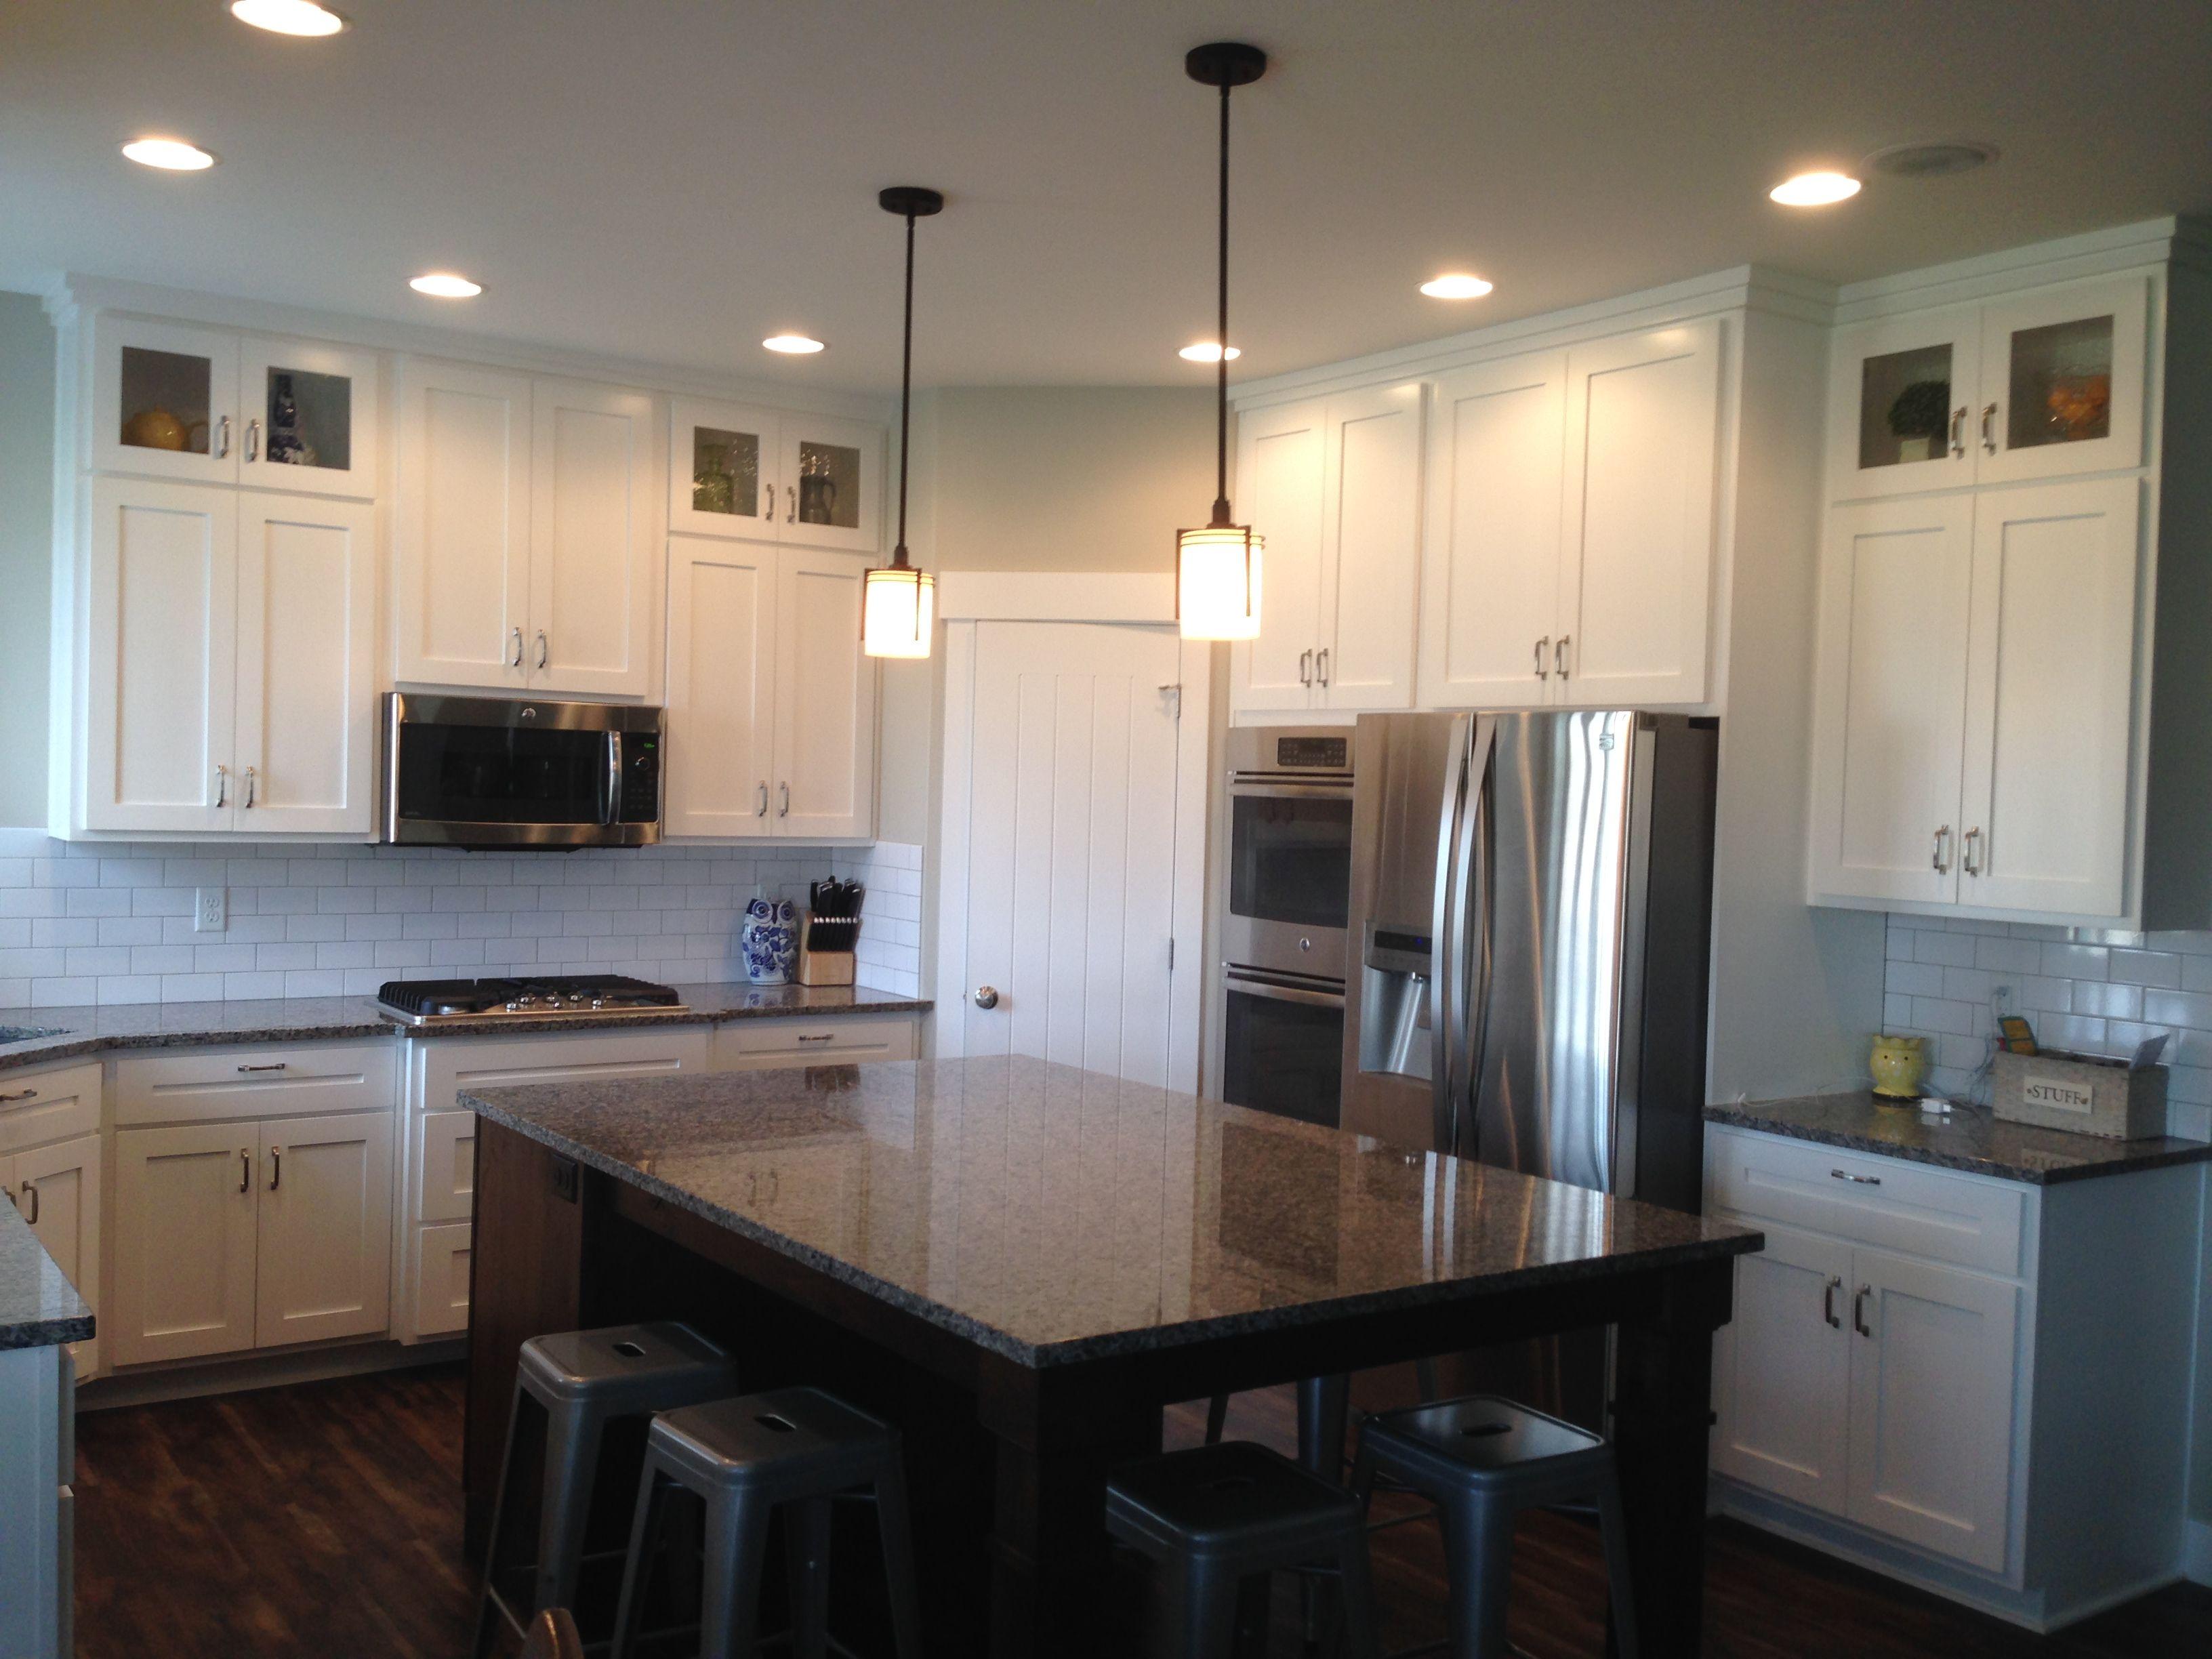 Kitchen ideas; white kitchen cabinets and a dark island to ...